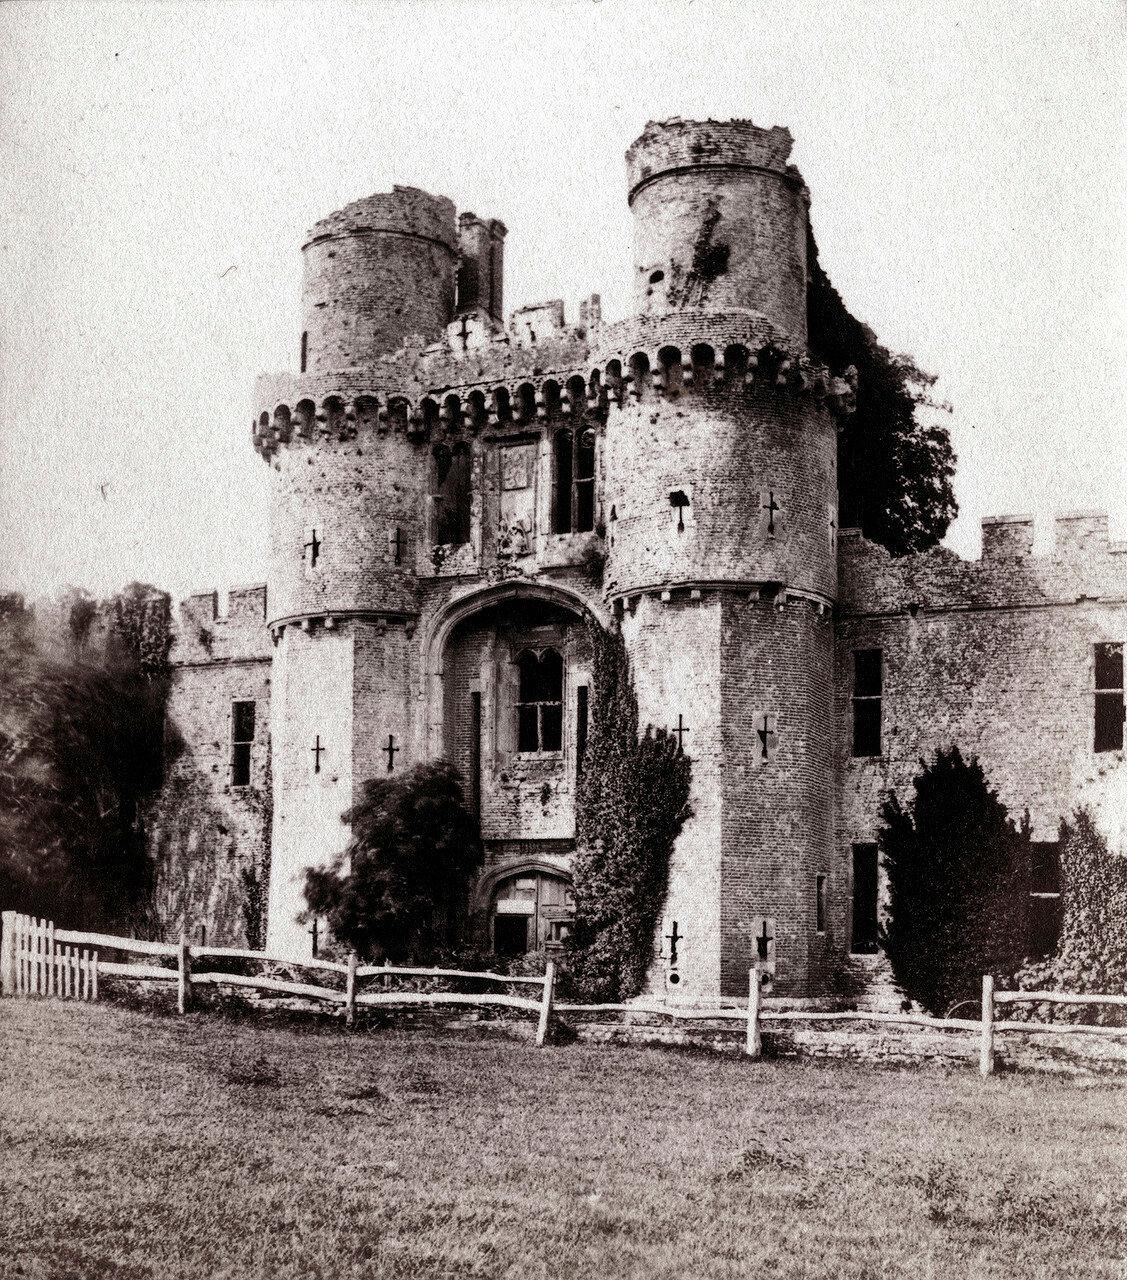 Замок Херстмонсо, Великобритания. 1864